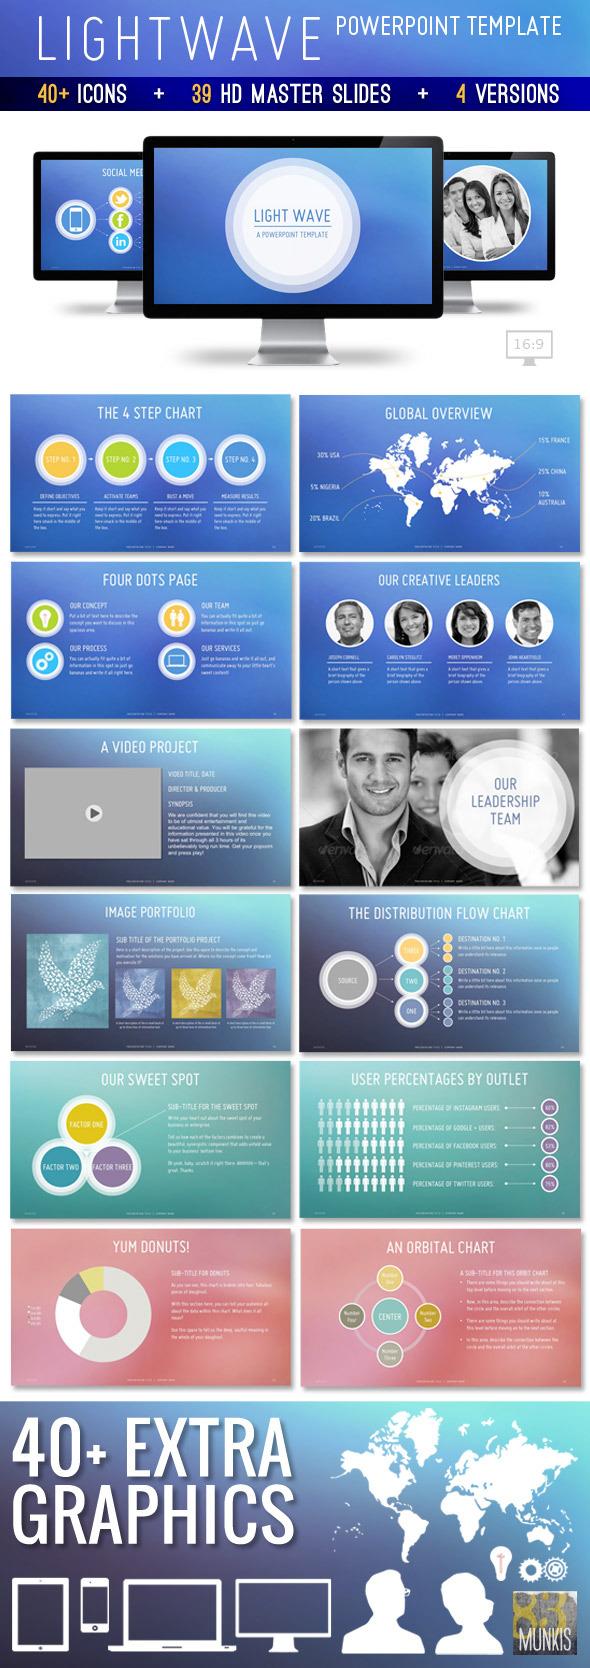 Lightwave Powerpoint Template